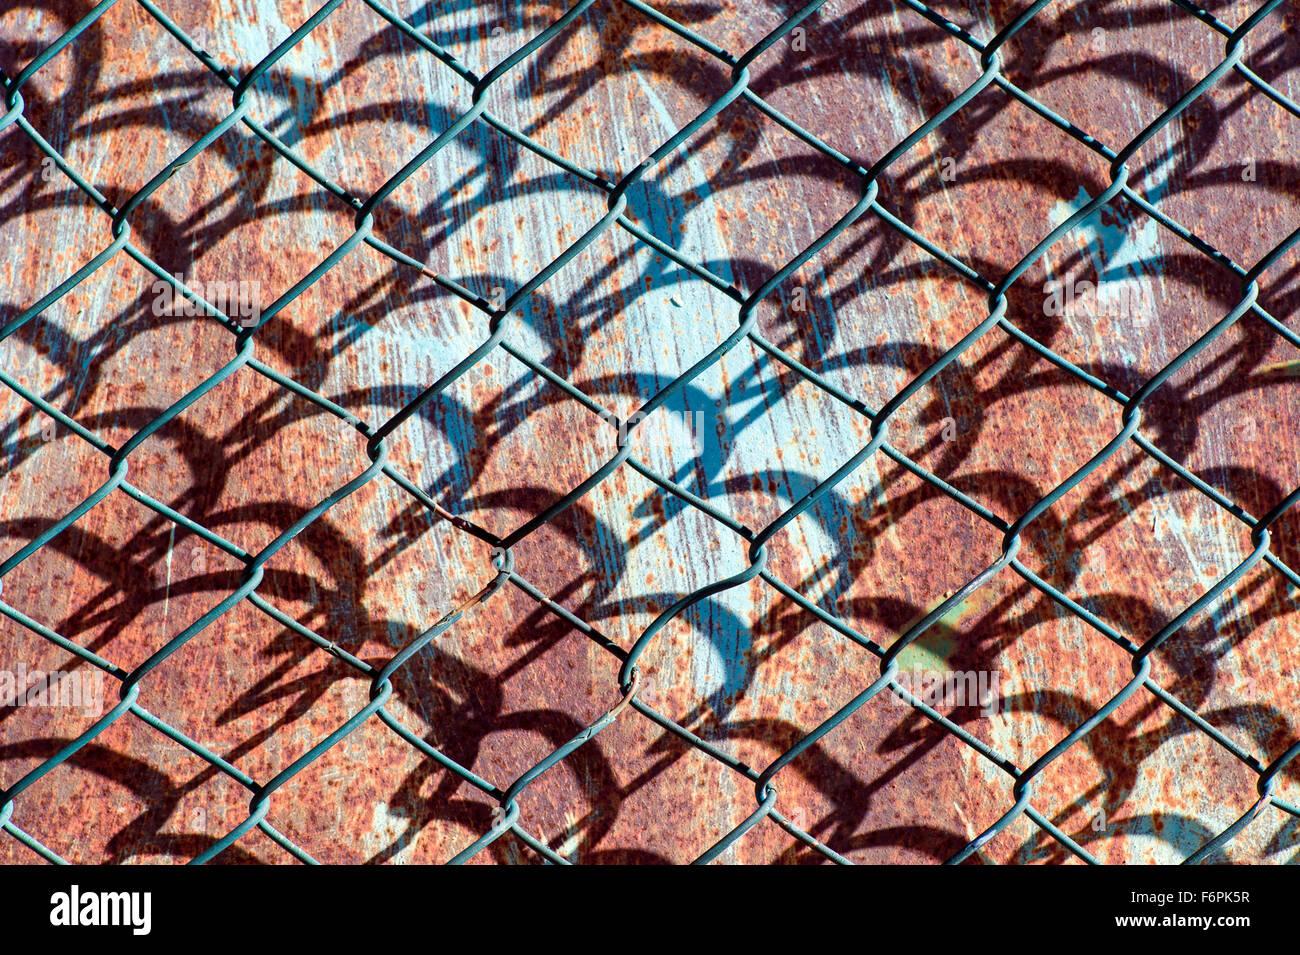 grafische muster erstellt von drahtgeflecht hurrikan oder zyklon stahl zaun - Grafische Muster